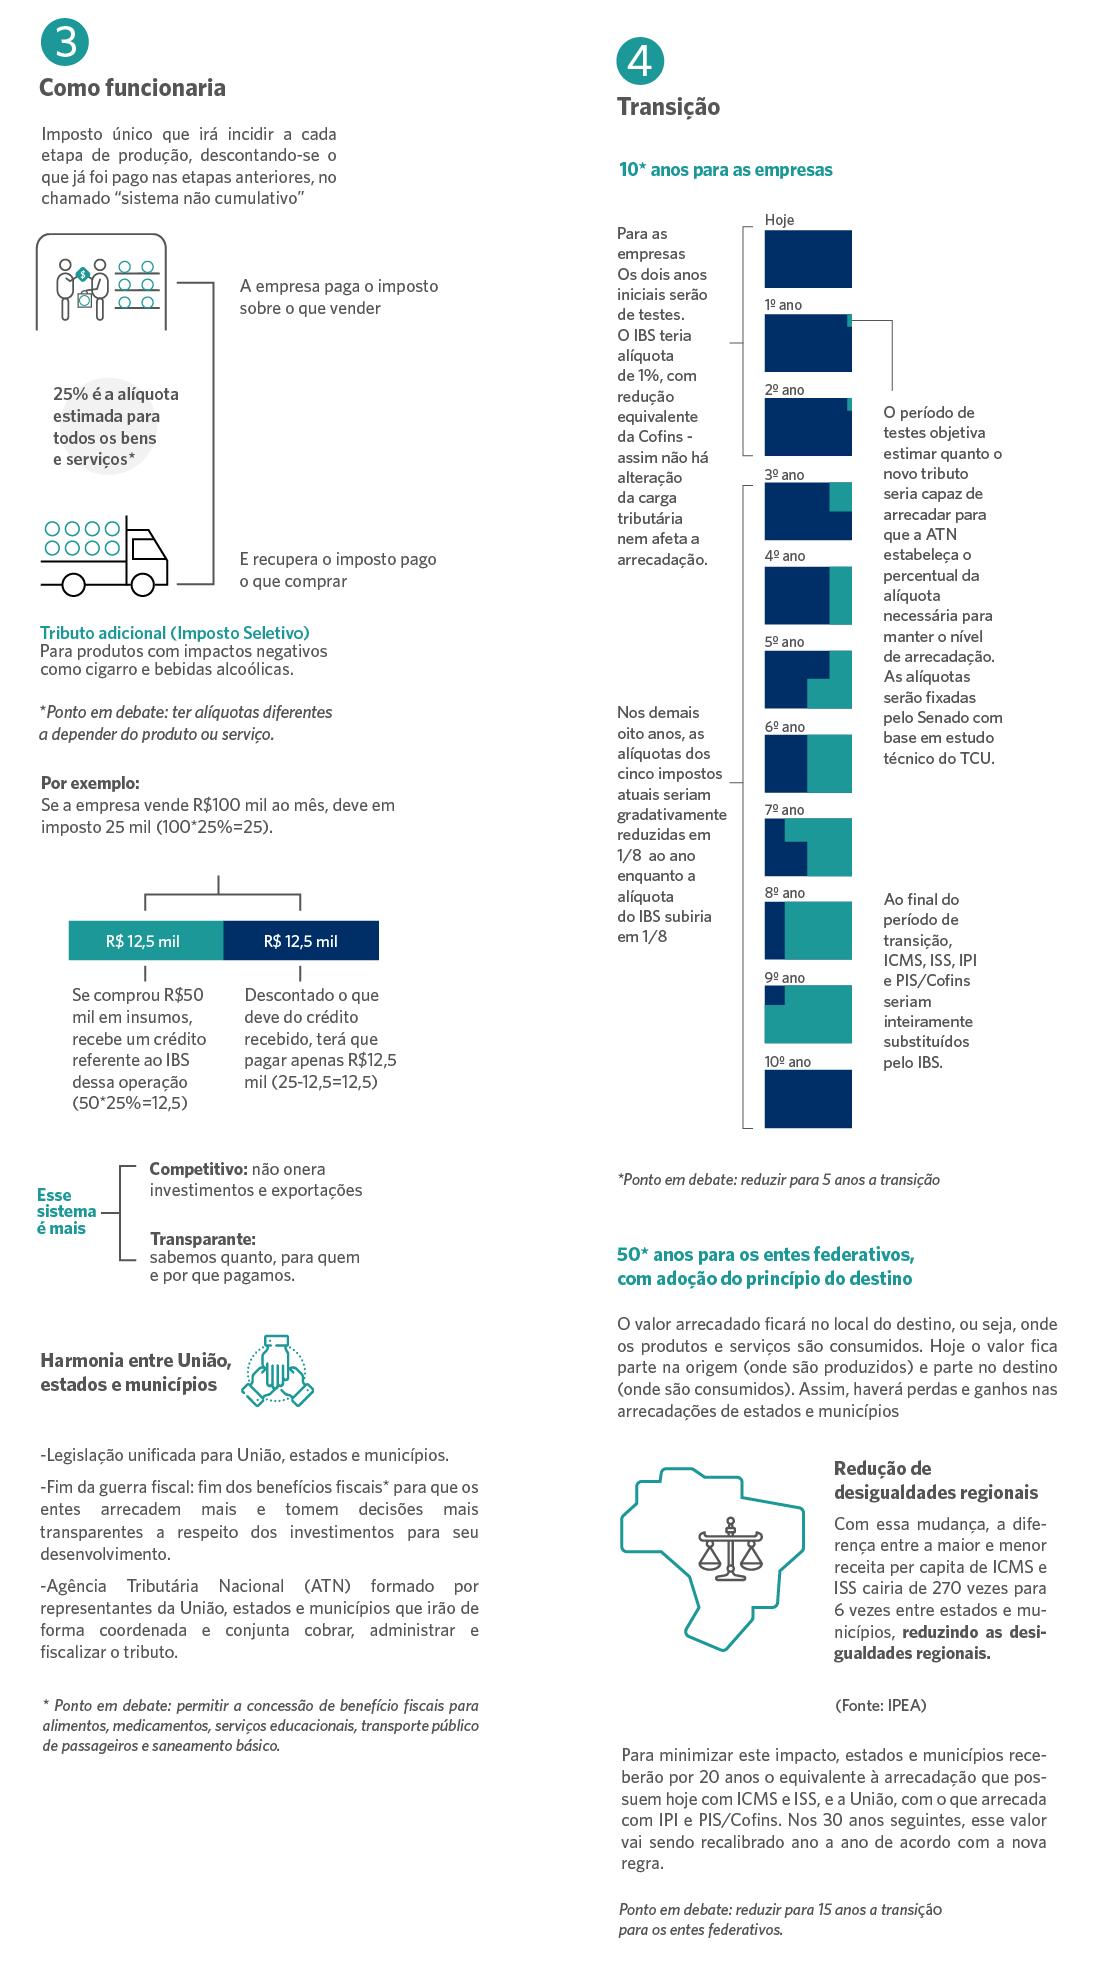 Infografico-Endeavor-ST-15_09-FN-_Endeavor-Info-ST-Mobile-3